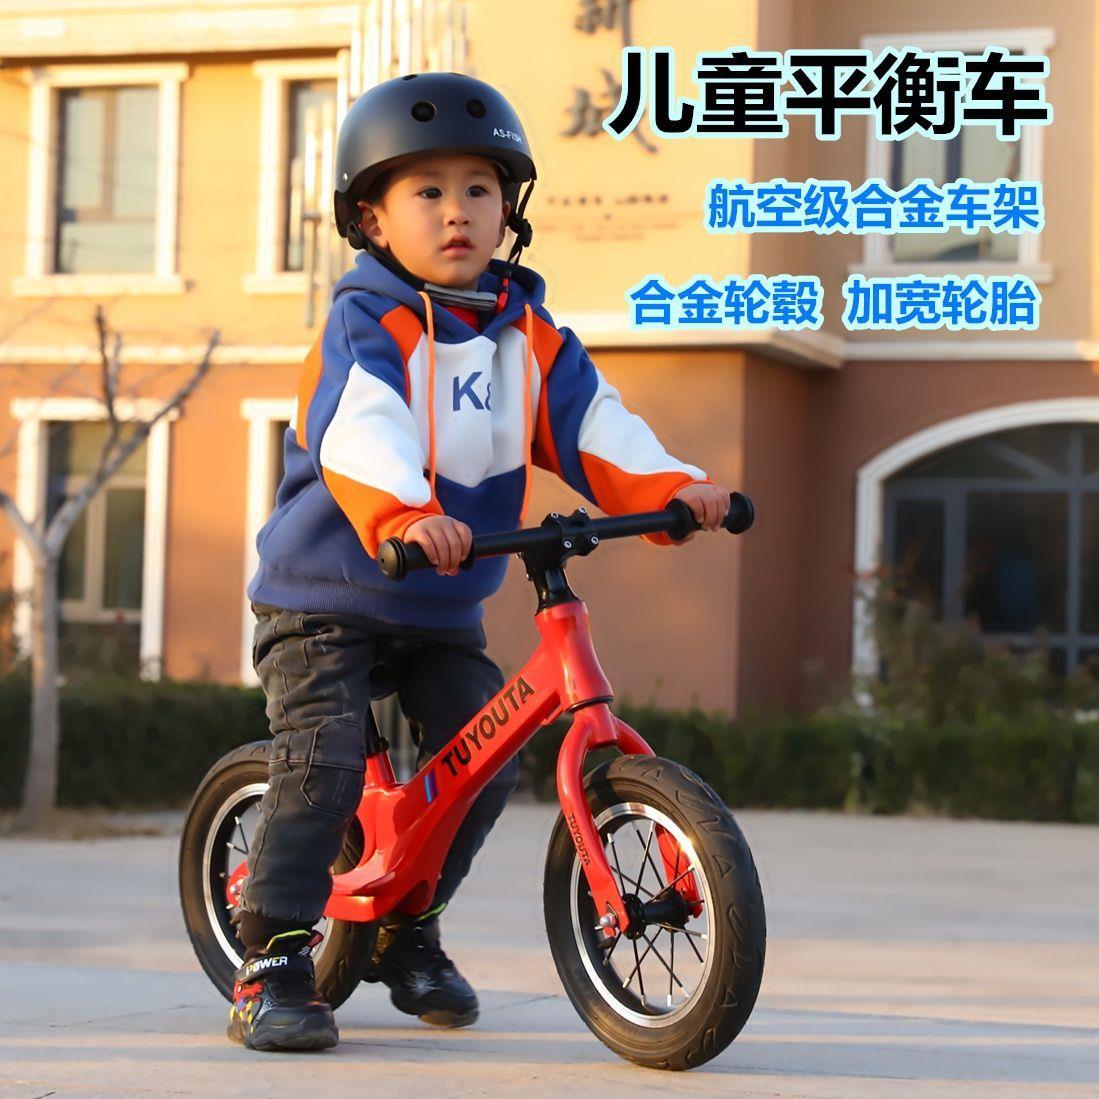 网红儿童平衡车无脚踏自行车2-6岁小孩双